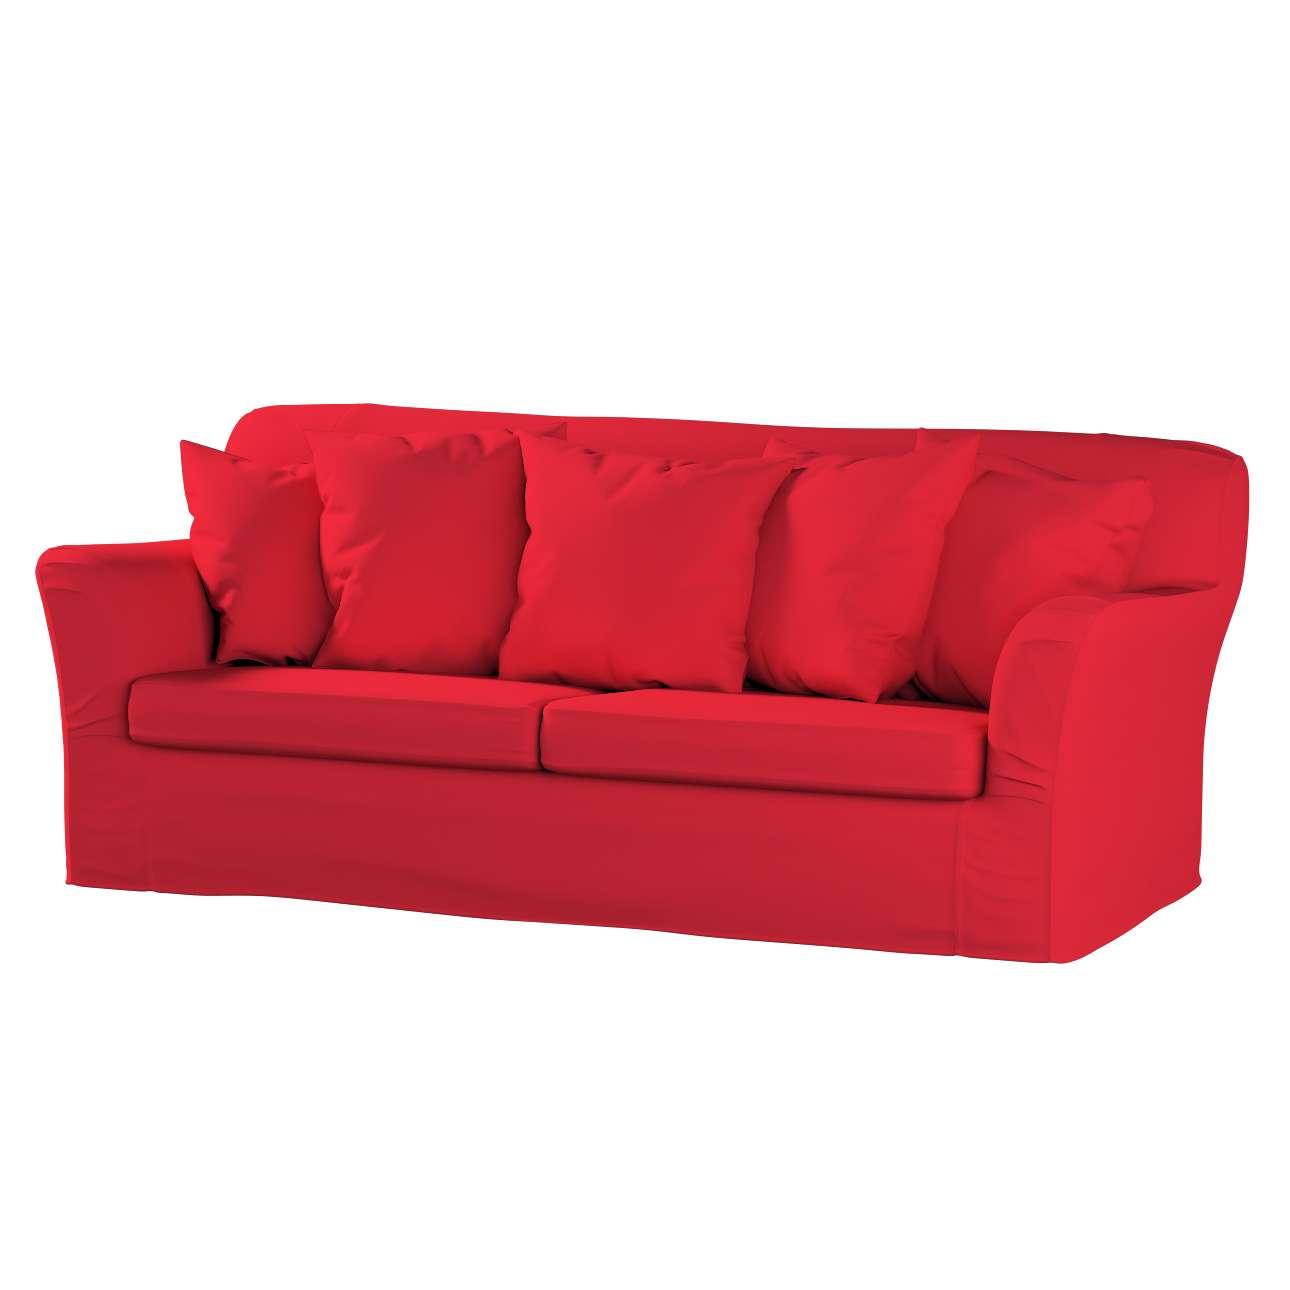 TOMELILLA trivietės sofos lovos užvalkalas TOMELILLA trivietė sofa lova kolekcijoje Cotton Panama, audinys: 702-04